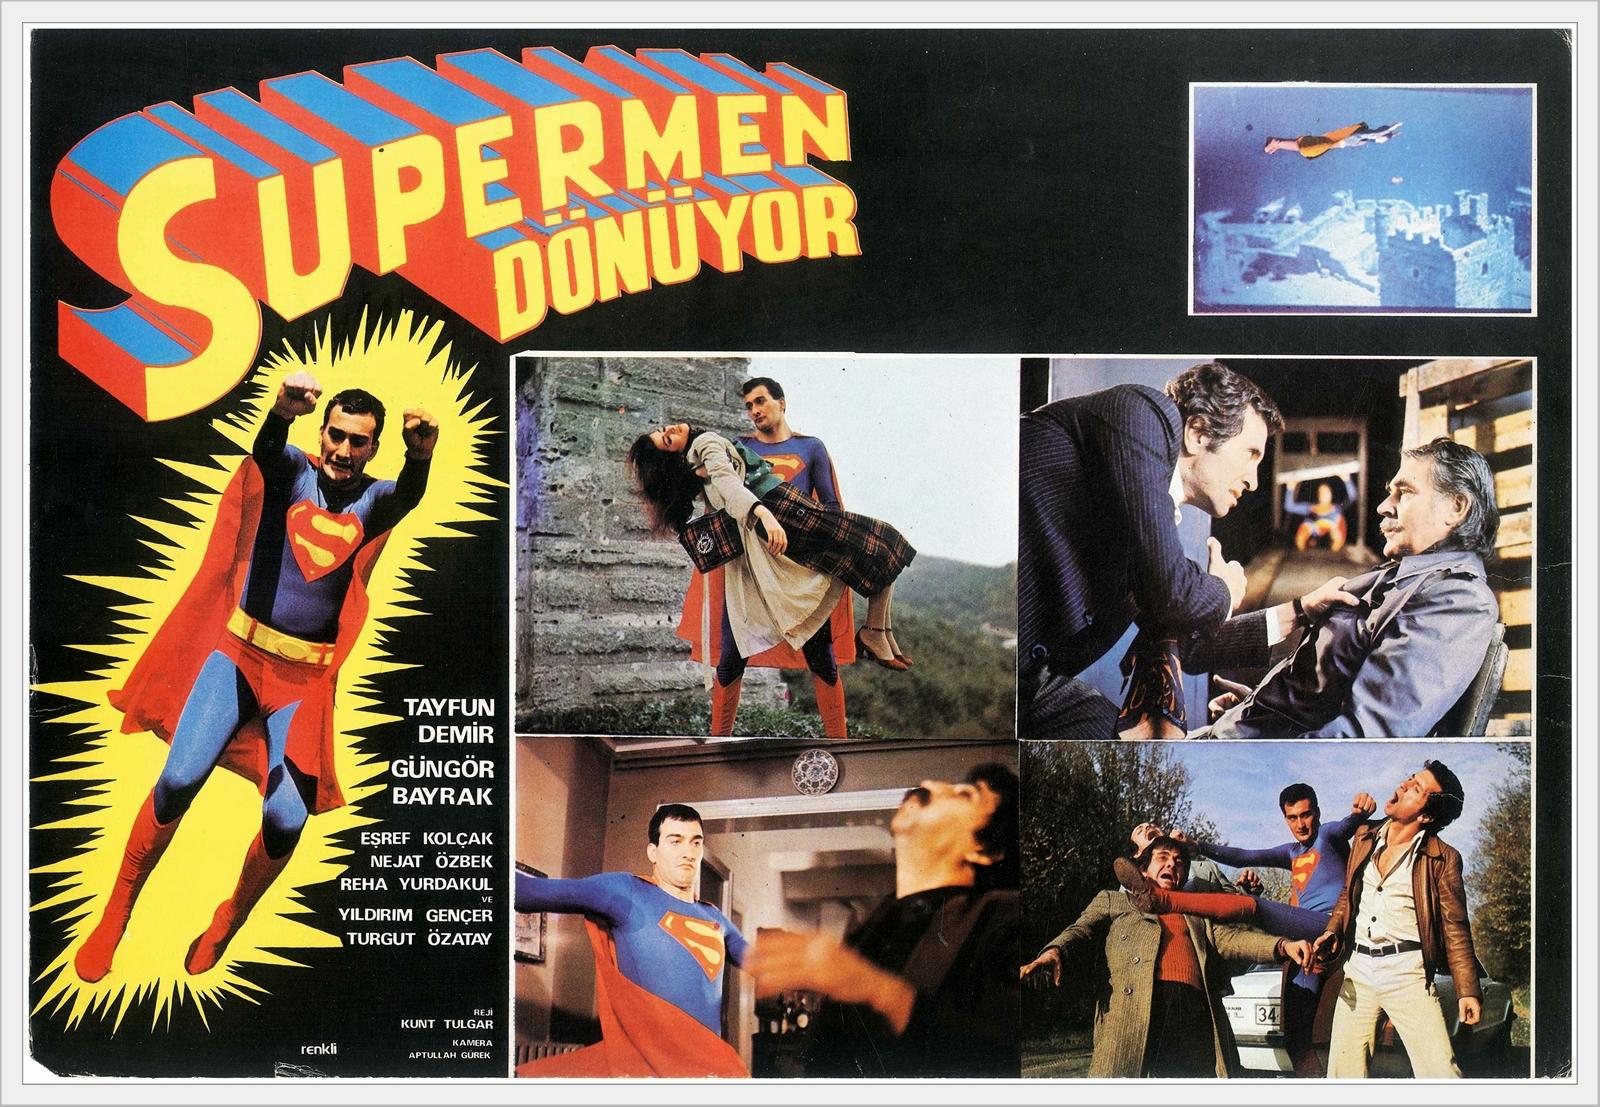 Süpermen Dönüyor001